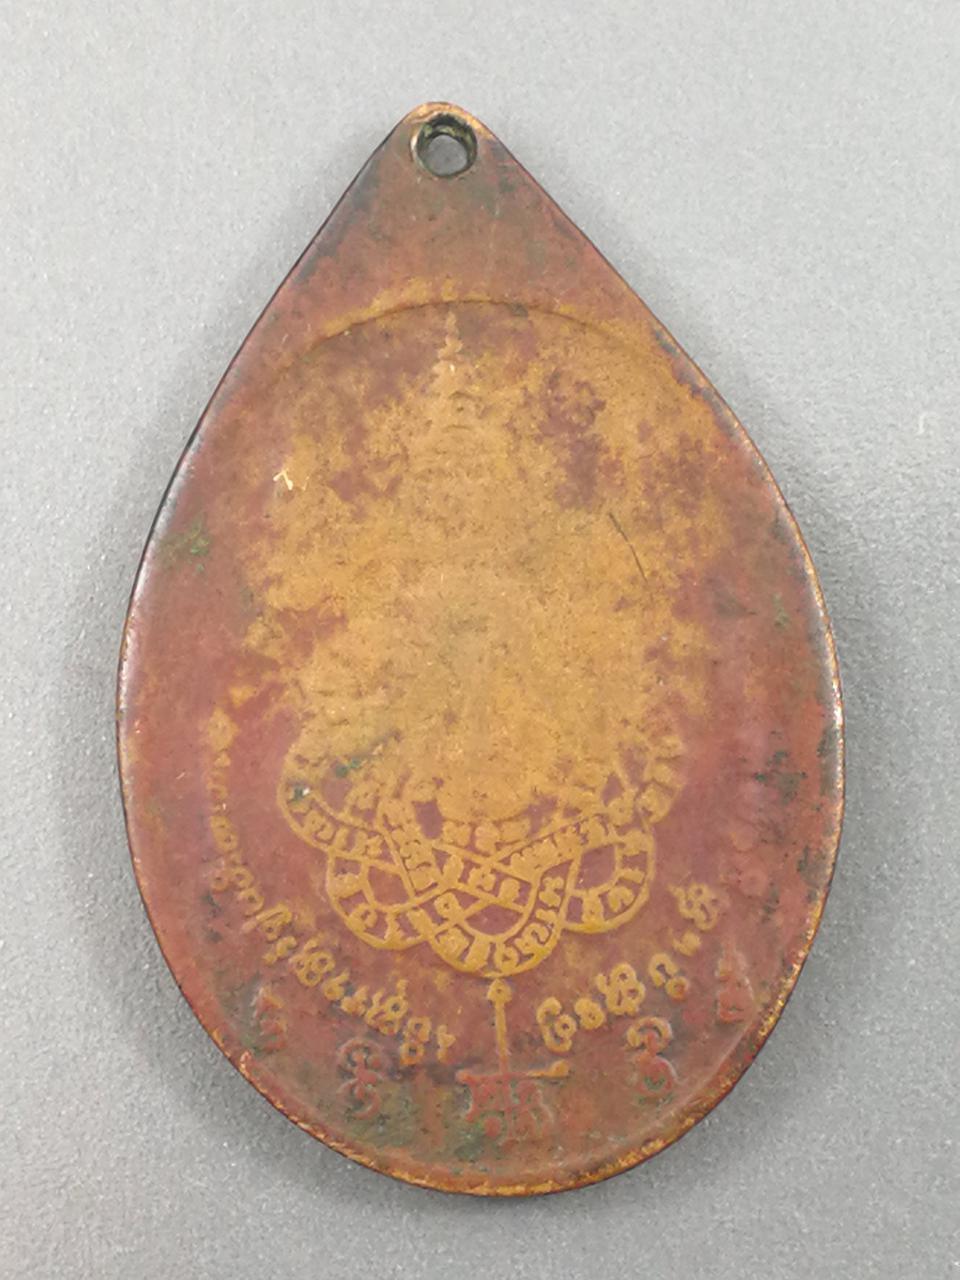 เหรียญเสือหมอบ หลวงพ่อสุดวัดกาหลง ปี19 สภาพใช้ครับ รูปที่ 2